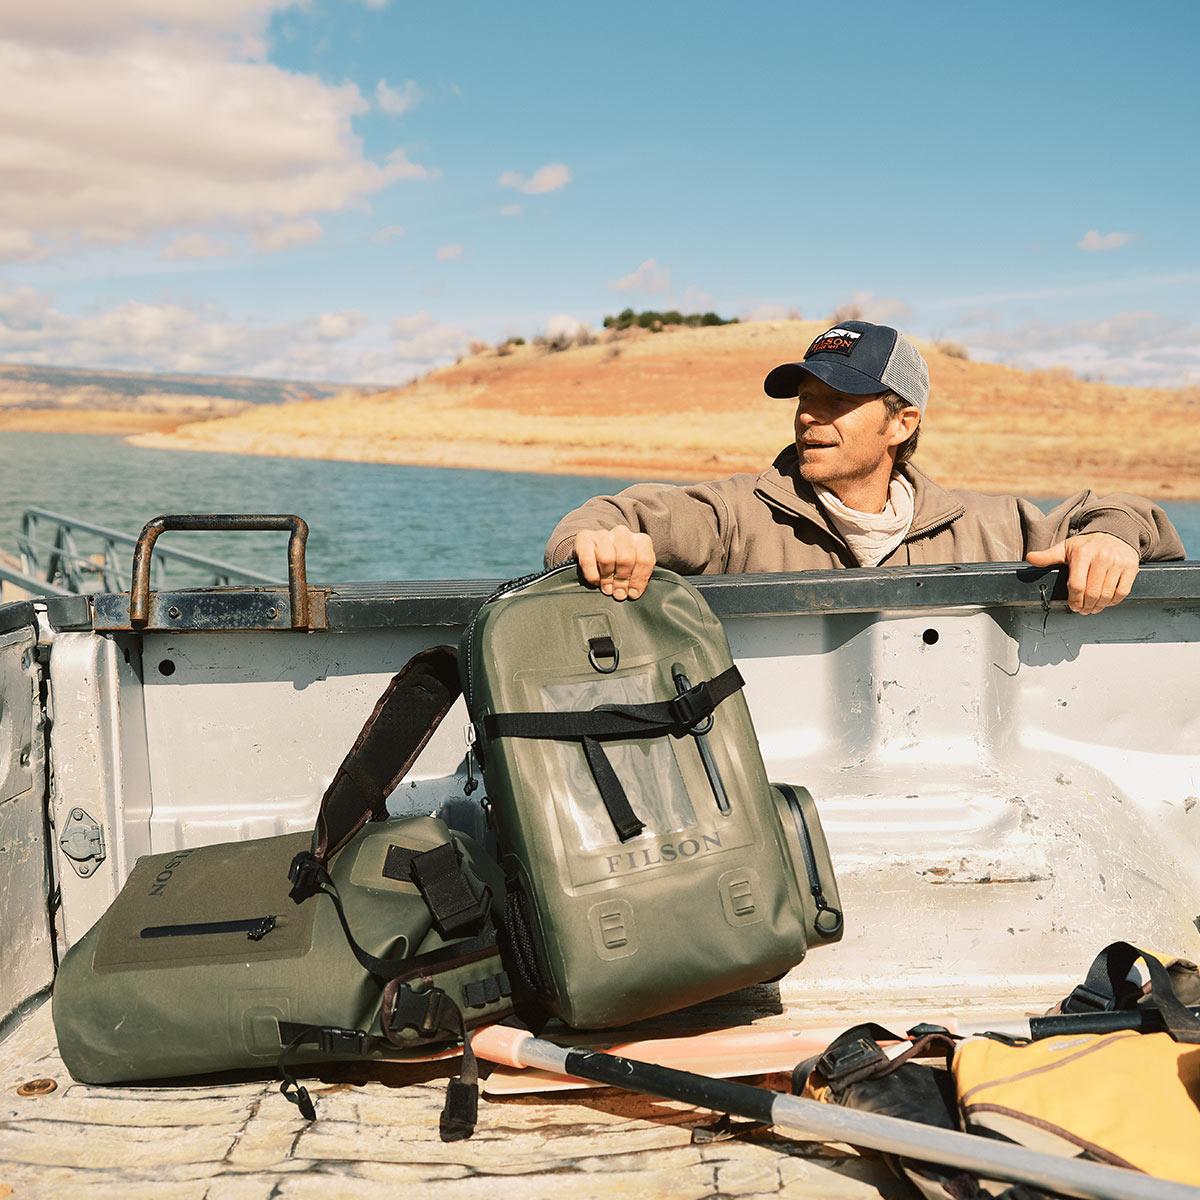 Filson Backpack Dry Bag, wasserdichter Rucksack für abenteuerlustige Frauen und Männer